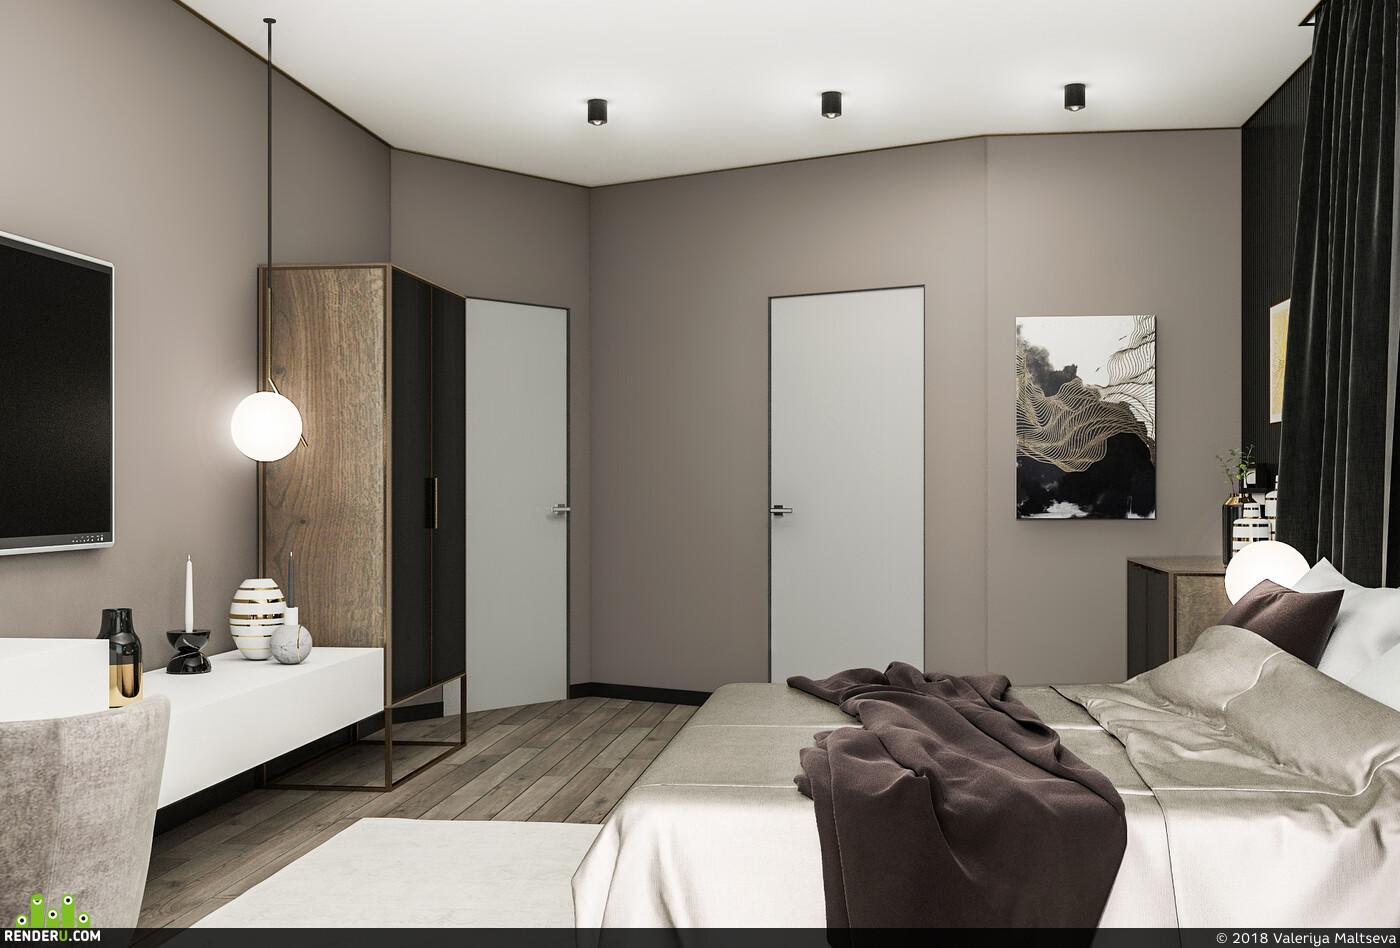 Спальня, дизайн интерьера спальни, 3D Studio Max, современный стиль, Визуализация, 3д визуализация